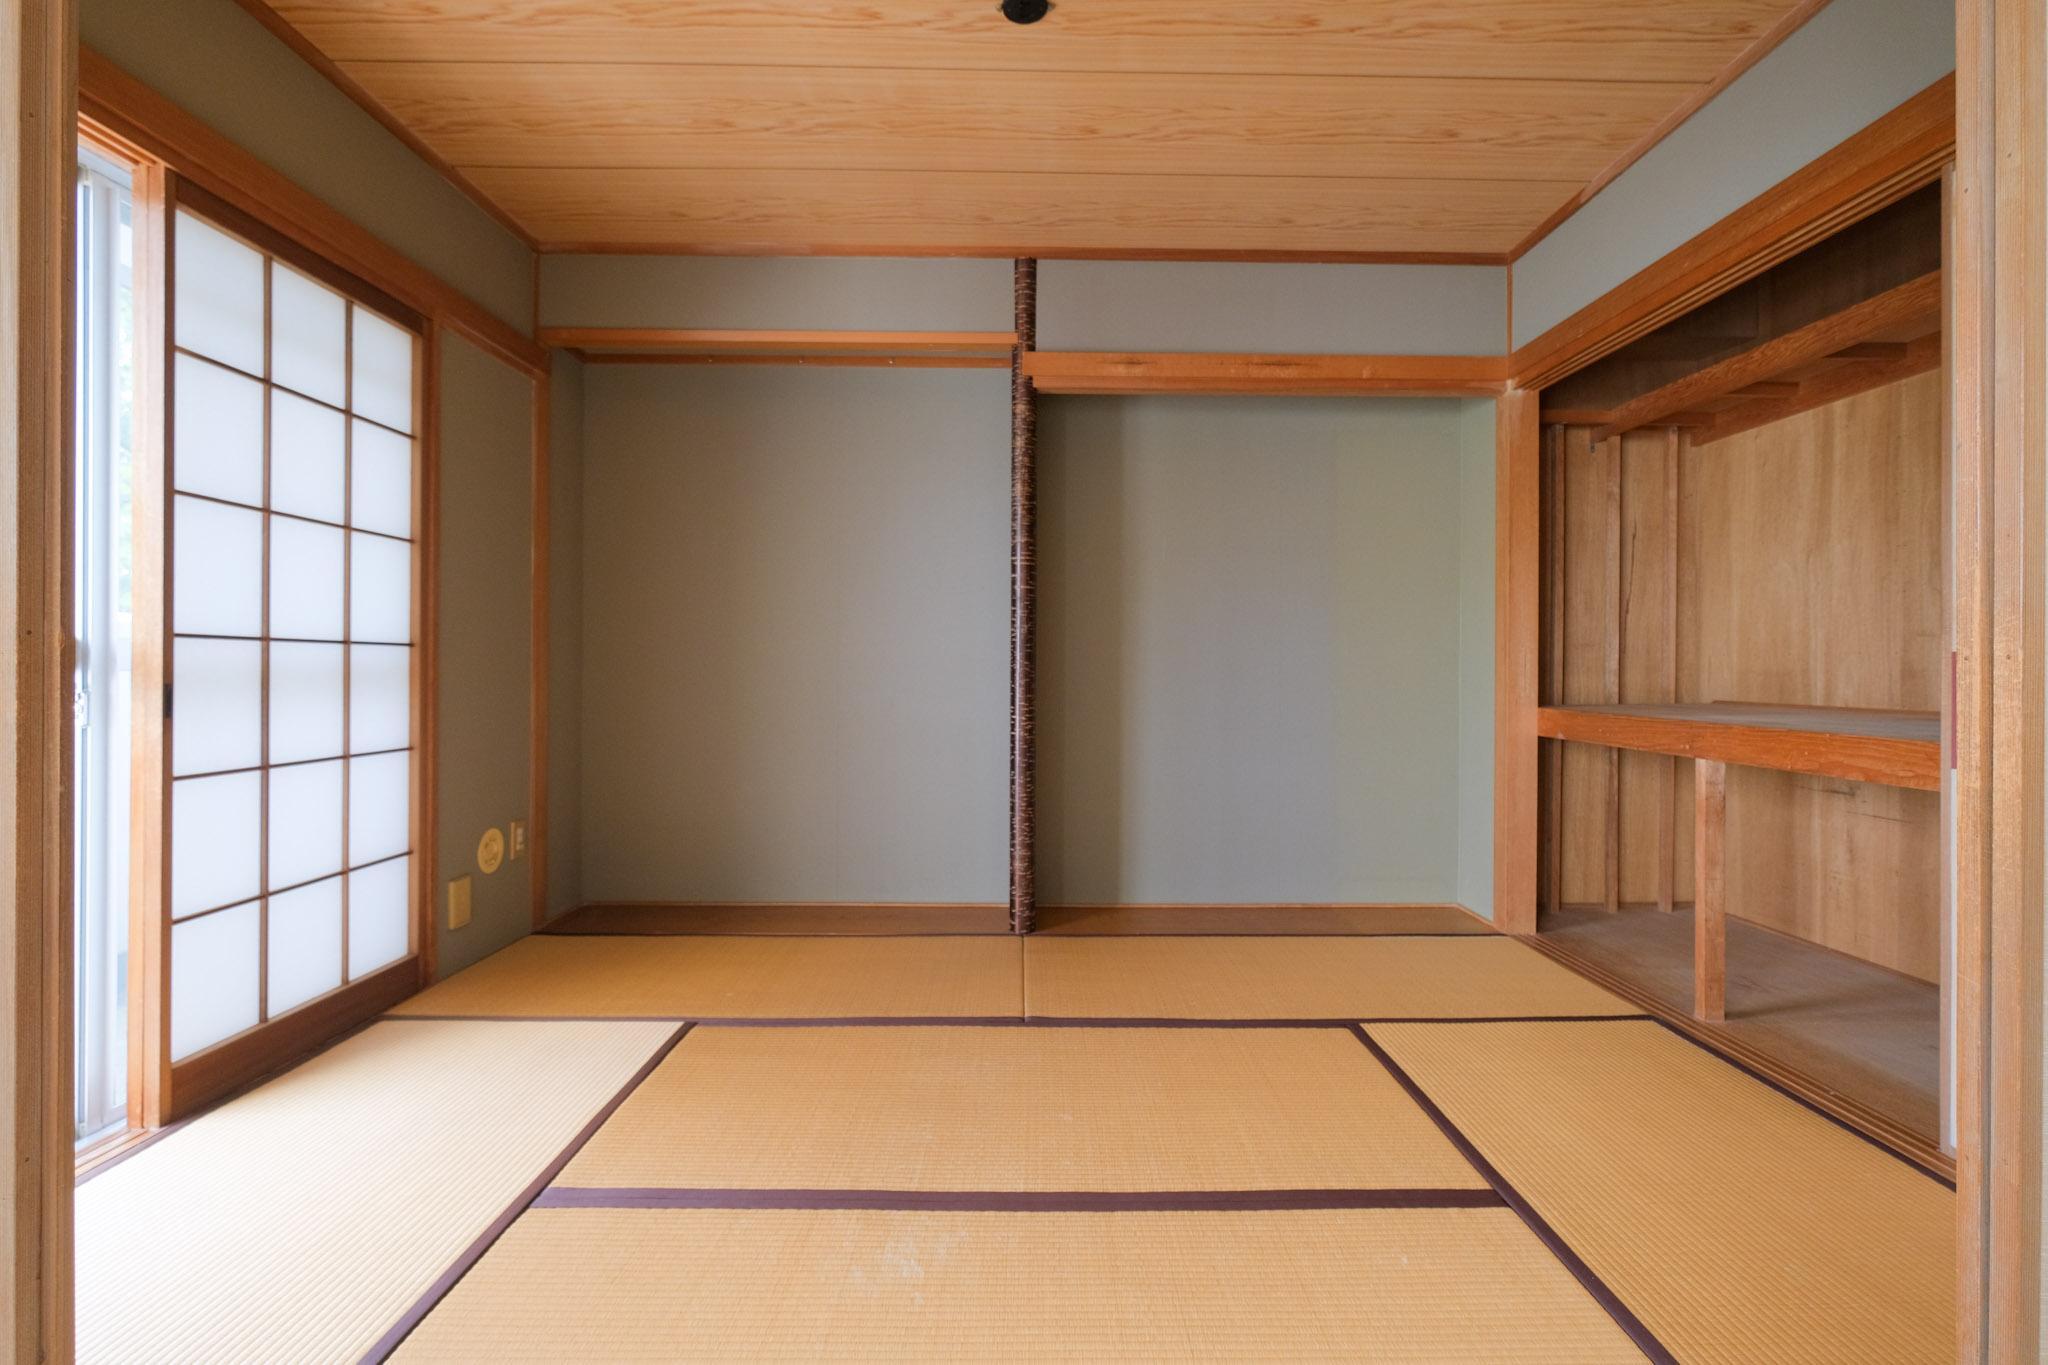 和室も南向き採光です。リビングと完全に繋げてしまってもよろし。